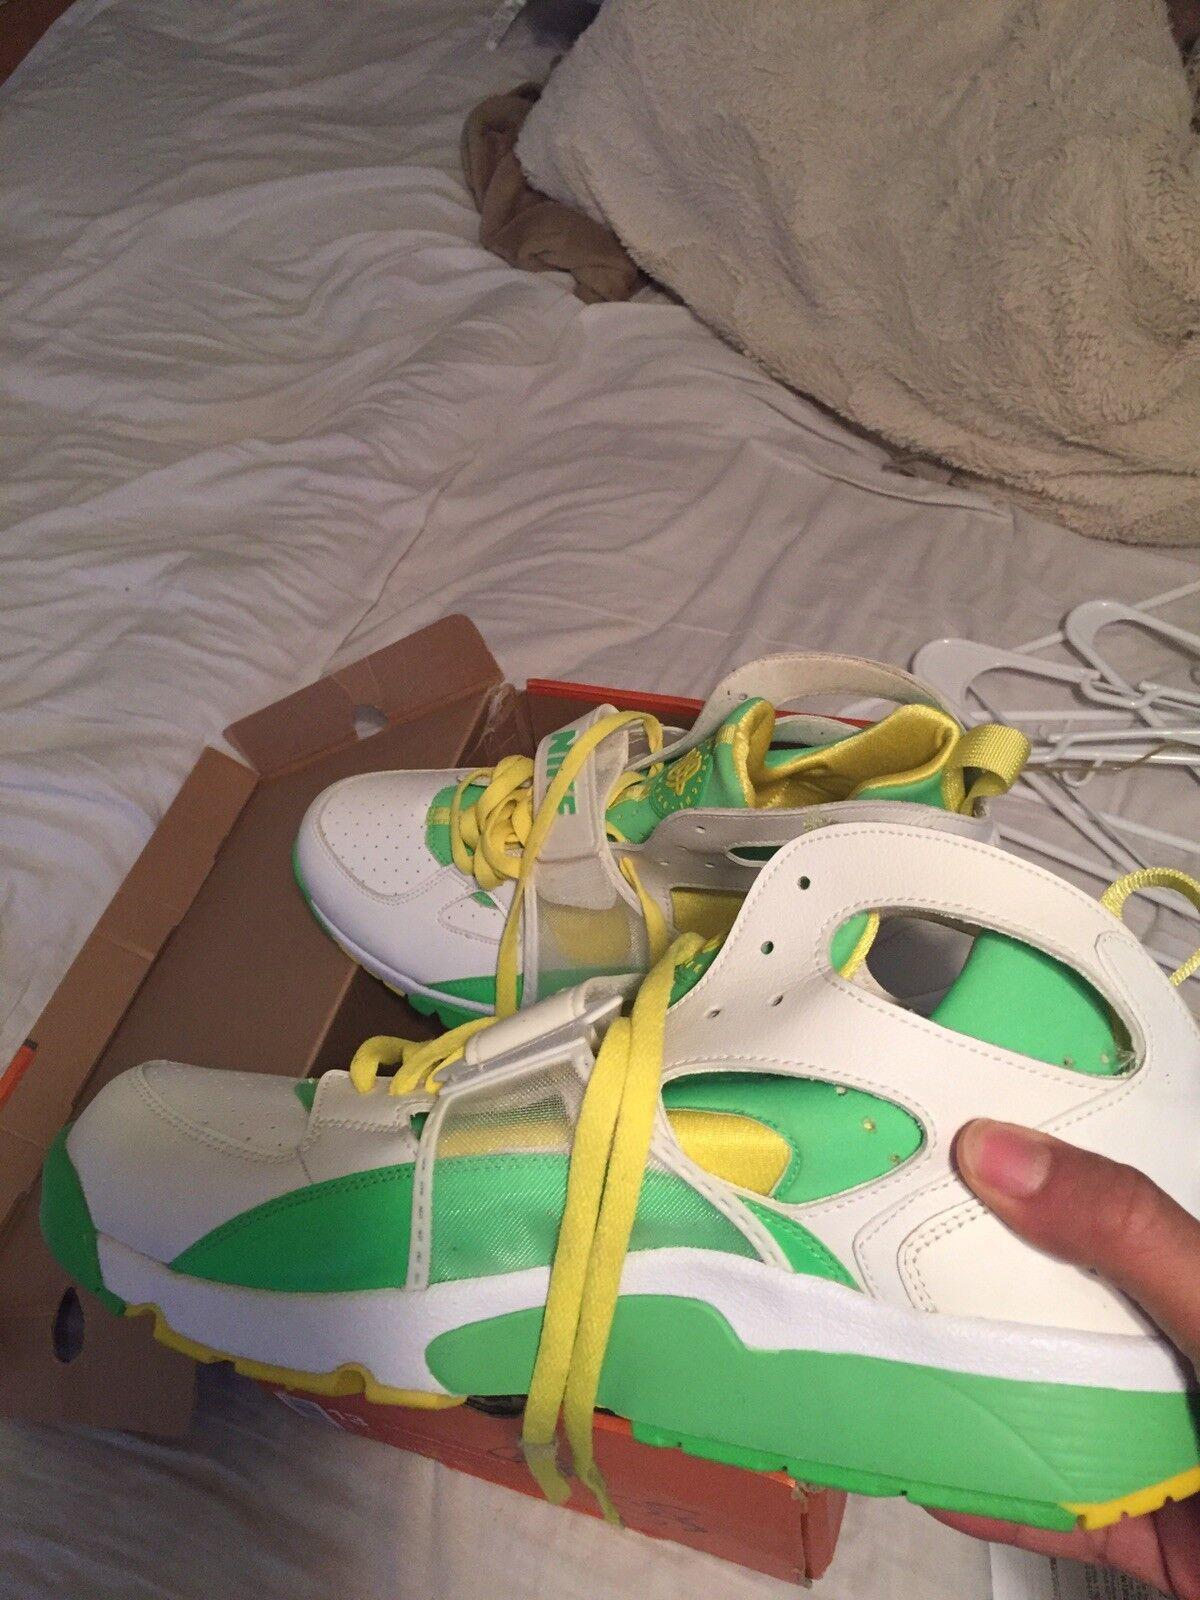 Nike air huarache run Size 13